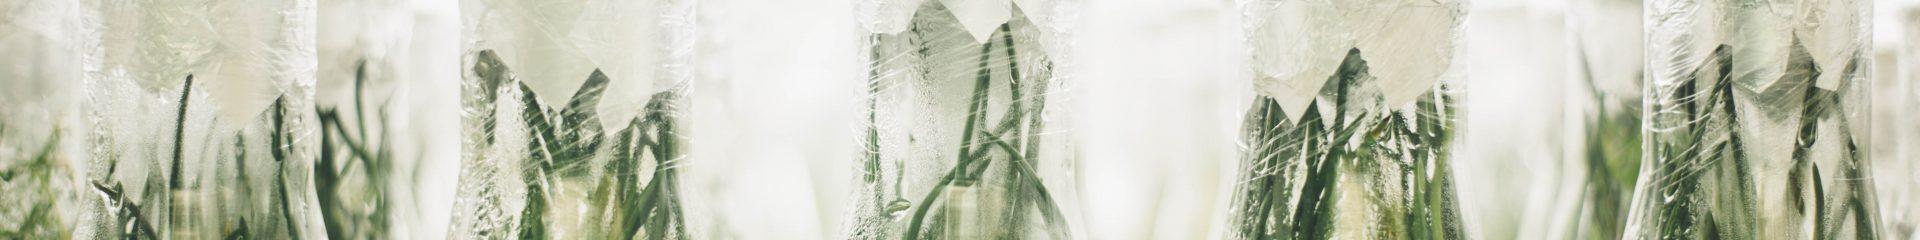 frascos de laboratório de plantas